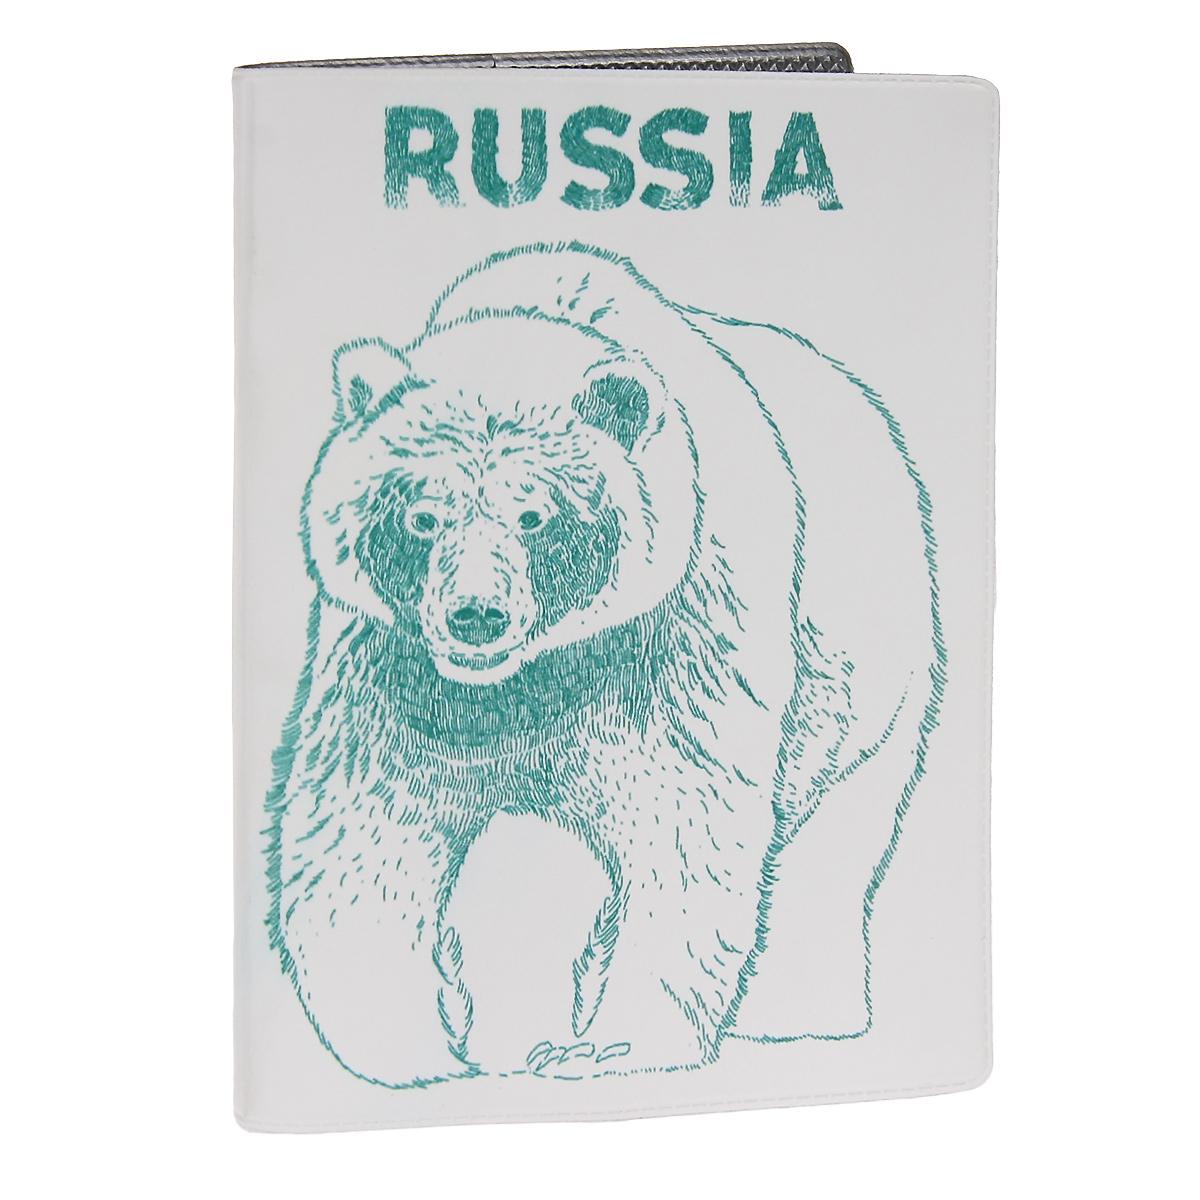 Обложка для автодокументов Медведь. AUTOZAM302AUTOZAM302Обложка для автодокументов Mitya Veselkov Медведь изготовлена из прочного ПВХ белого цвета и оформлена изображением в виде медведя и надписью Russia. На внутреннем развороте имеются съемный блок из шести прозрачных файлов из мягкого пластика для водительских документов, один из которых формата А5, а также два боковых кармашка для визиток или банковских карт. Стильная обложка не только поможет сохранить внешний вид ваших документов и защитит их от грязи и пыли, но и станет аксессуаром, который подчеркнет вашу яркую индивидуальность.